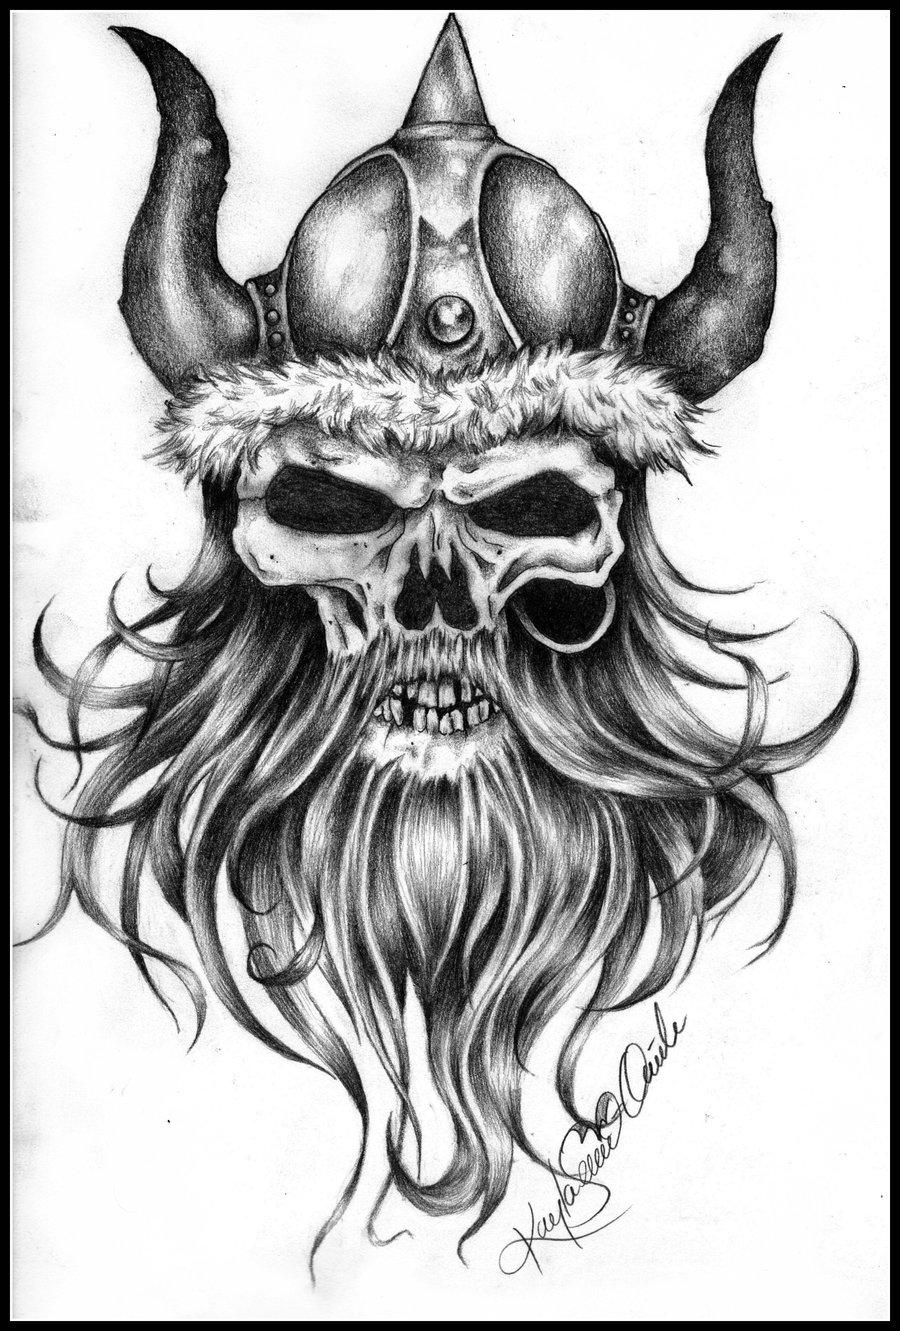 Drawn viking airbrush On Skull by KaylaSevier KaylaSevier